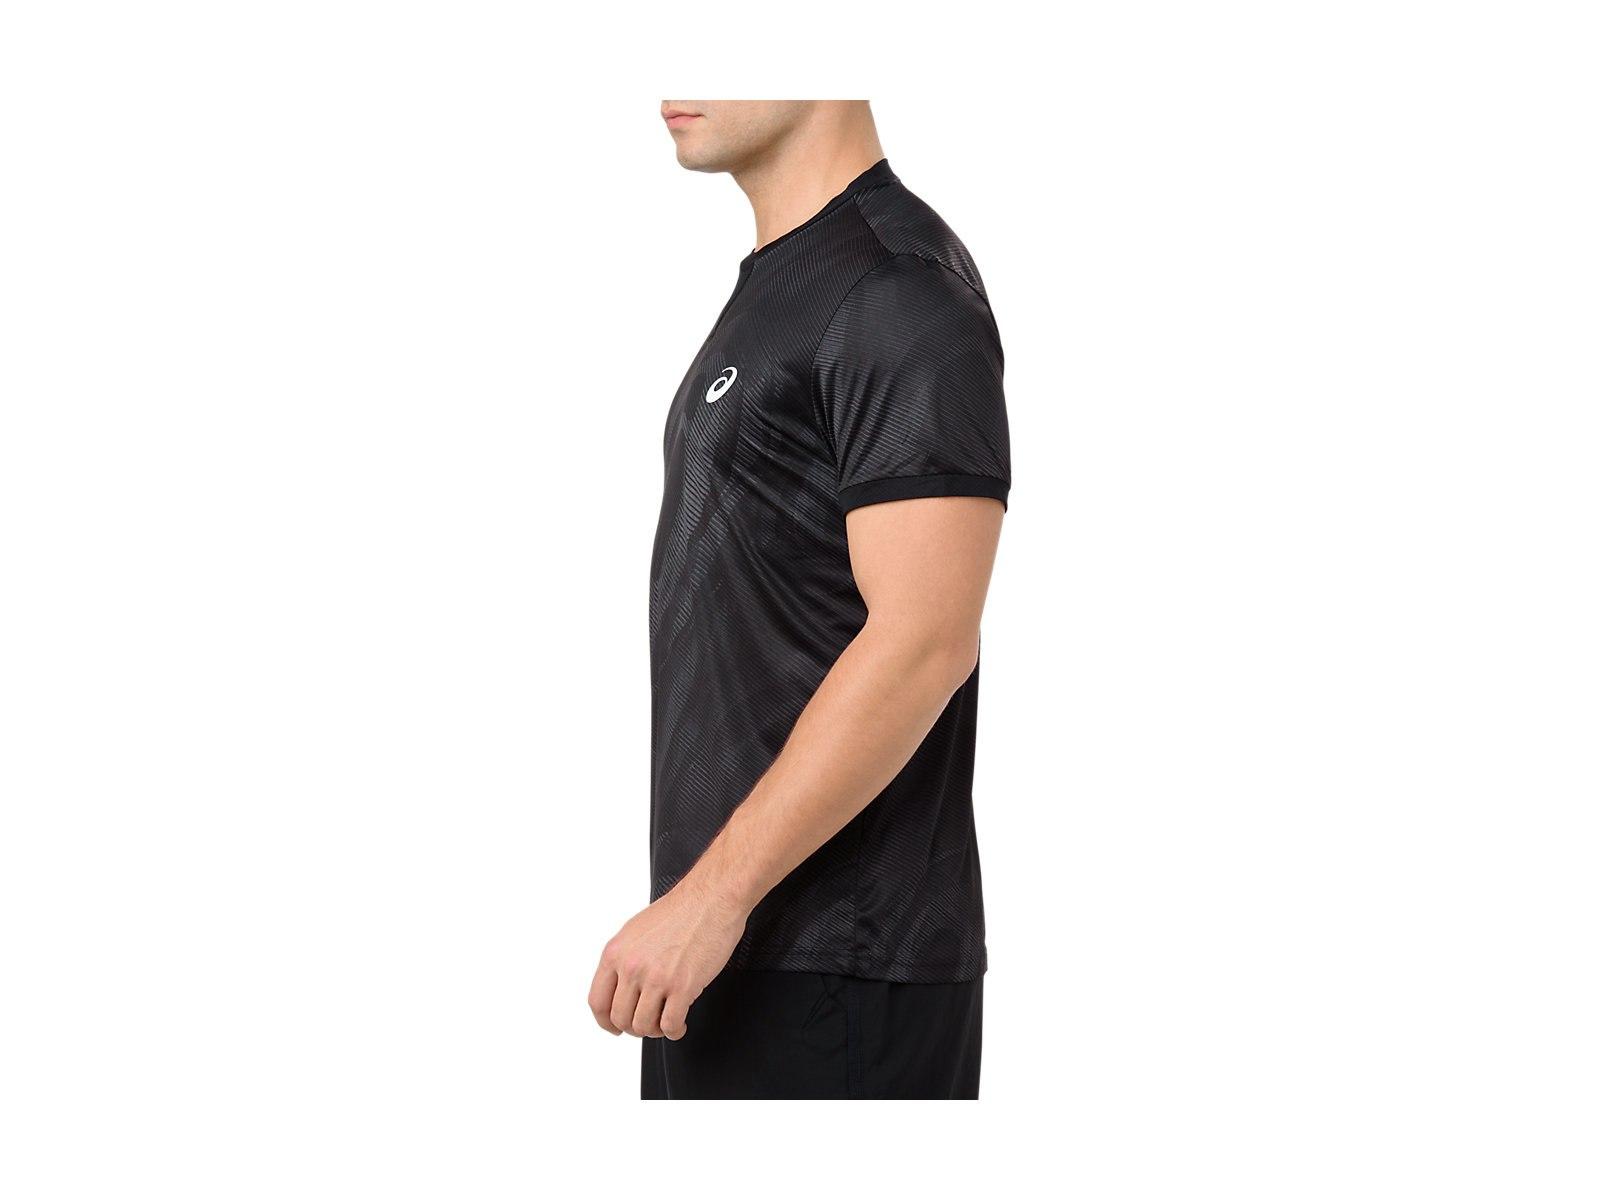 アシックス Tシャツ グラフィックショートスリーブトップ 2041A027 メンズ 2018AW テニス ソフトテニス ゆうパケット(メール便)対応 2018新製品 2018秋冬